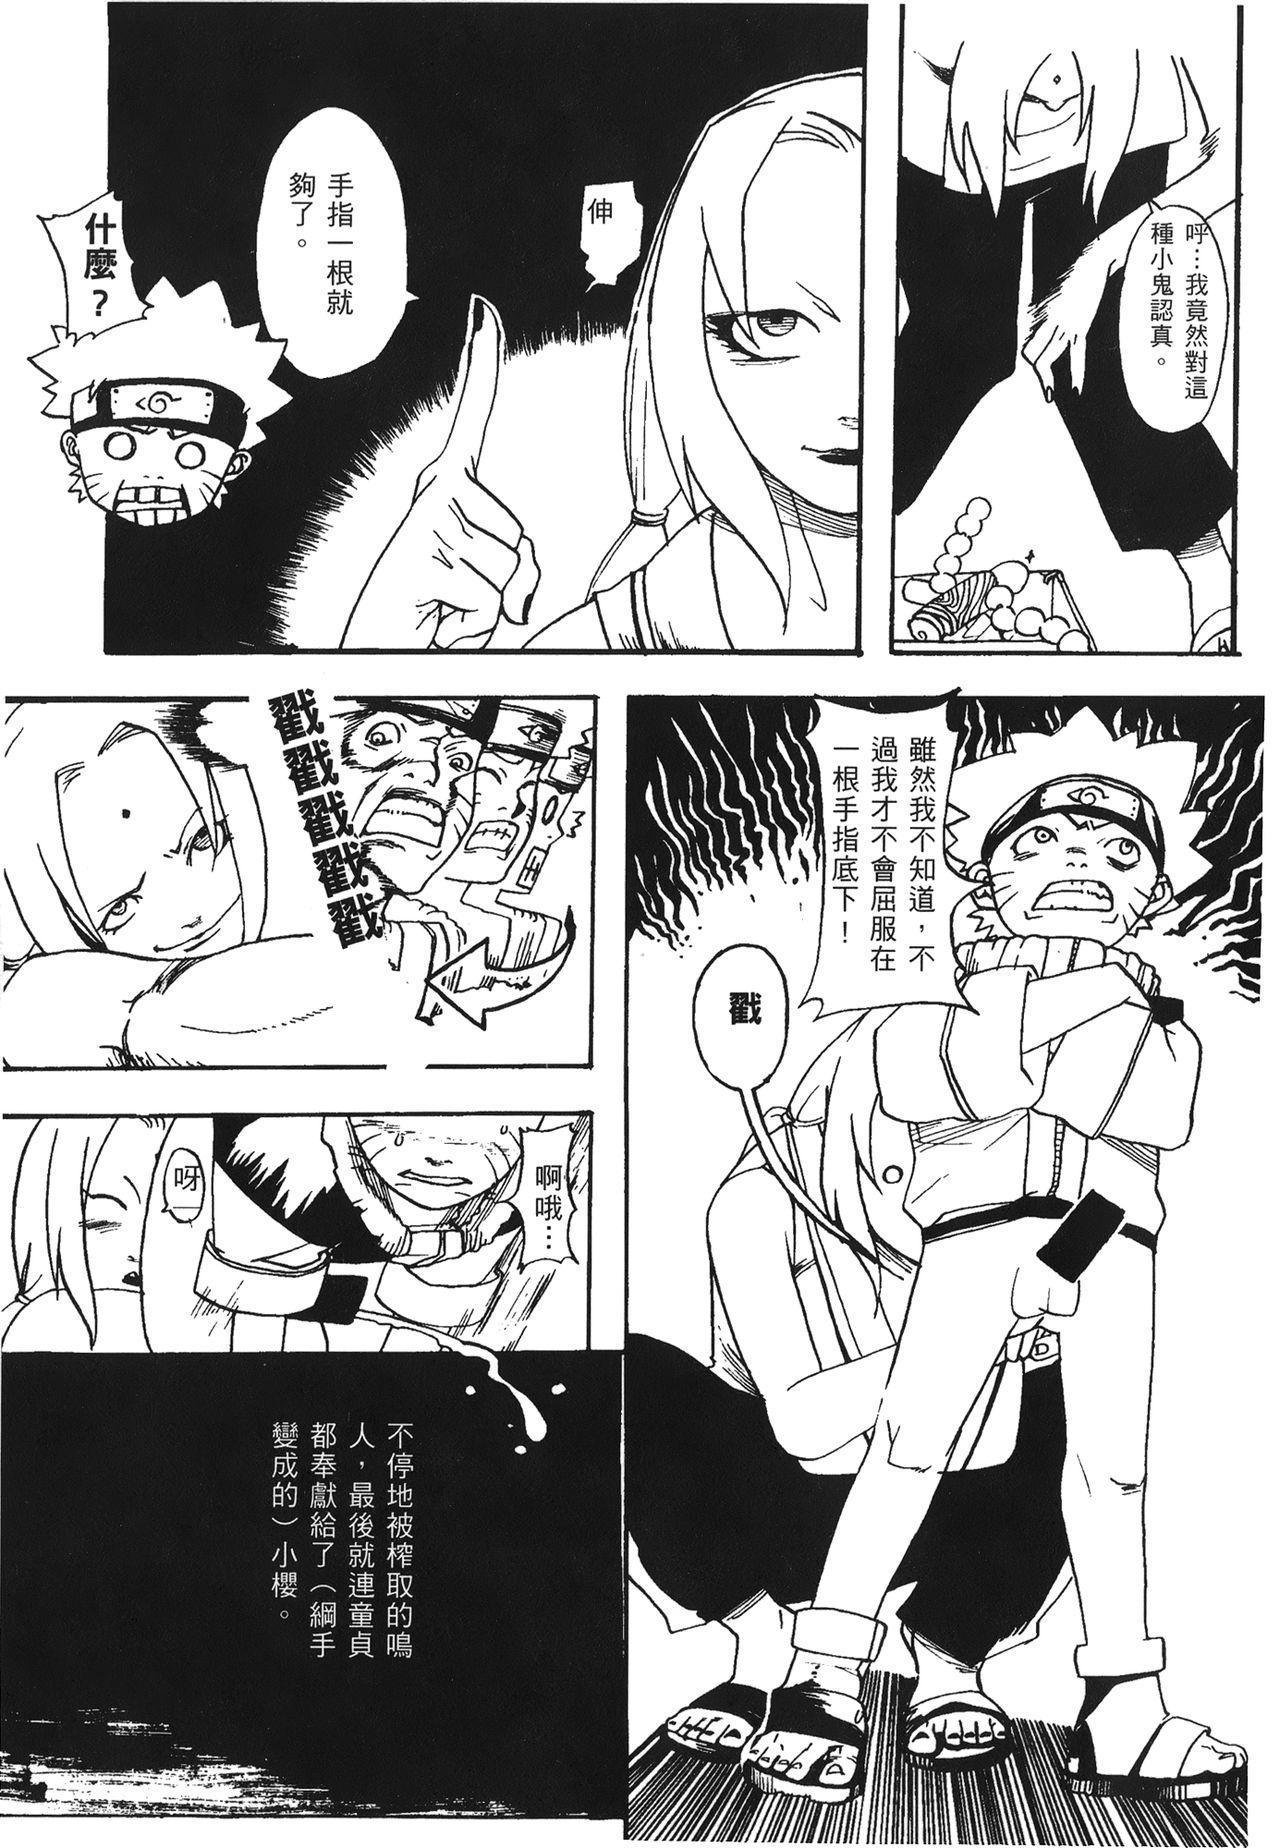 naruto ninja biography vol.07 155